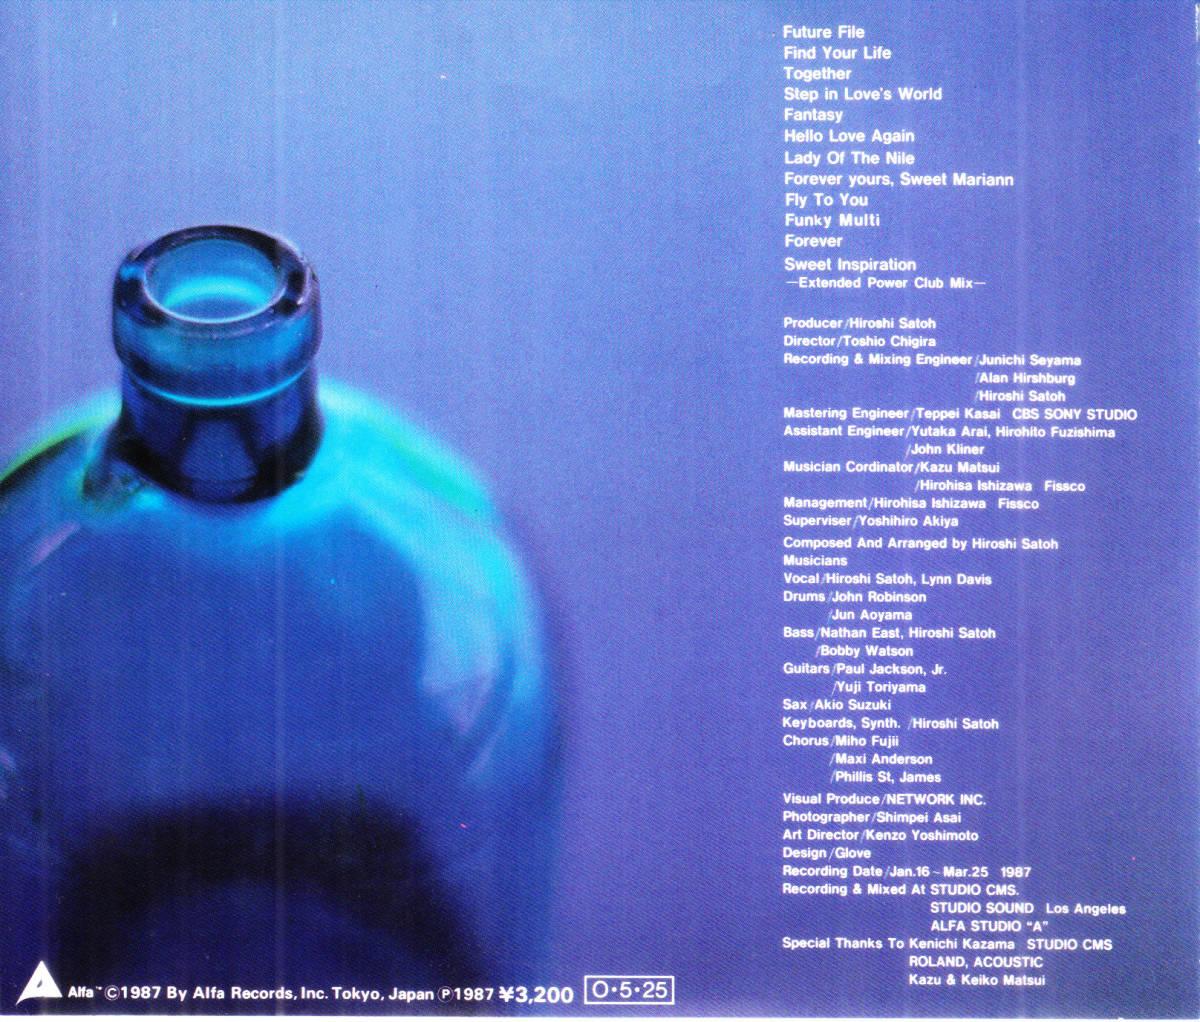 87年オリジナル盤 佐藤博 - FUTURE FILE「32XA-158」ケース新品 土日祝日も迅速発送/164円で4枚発送可能_画像2